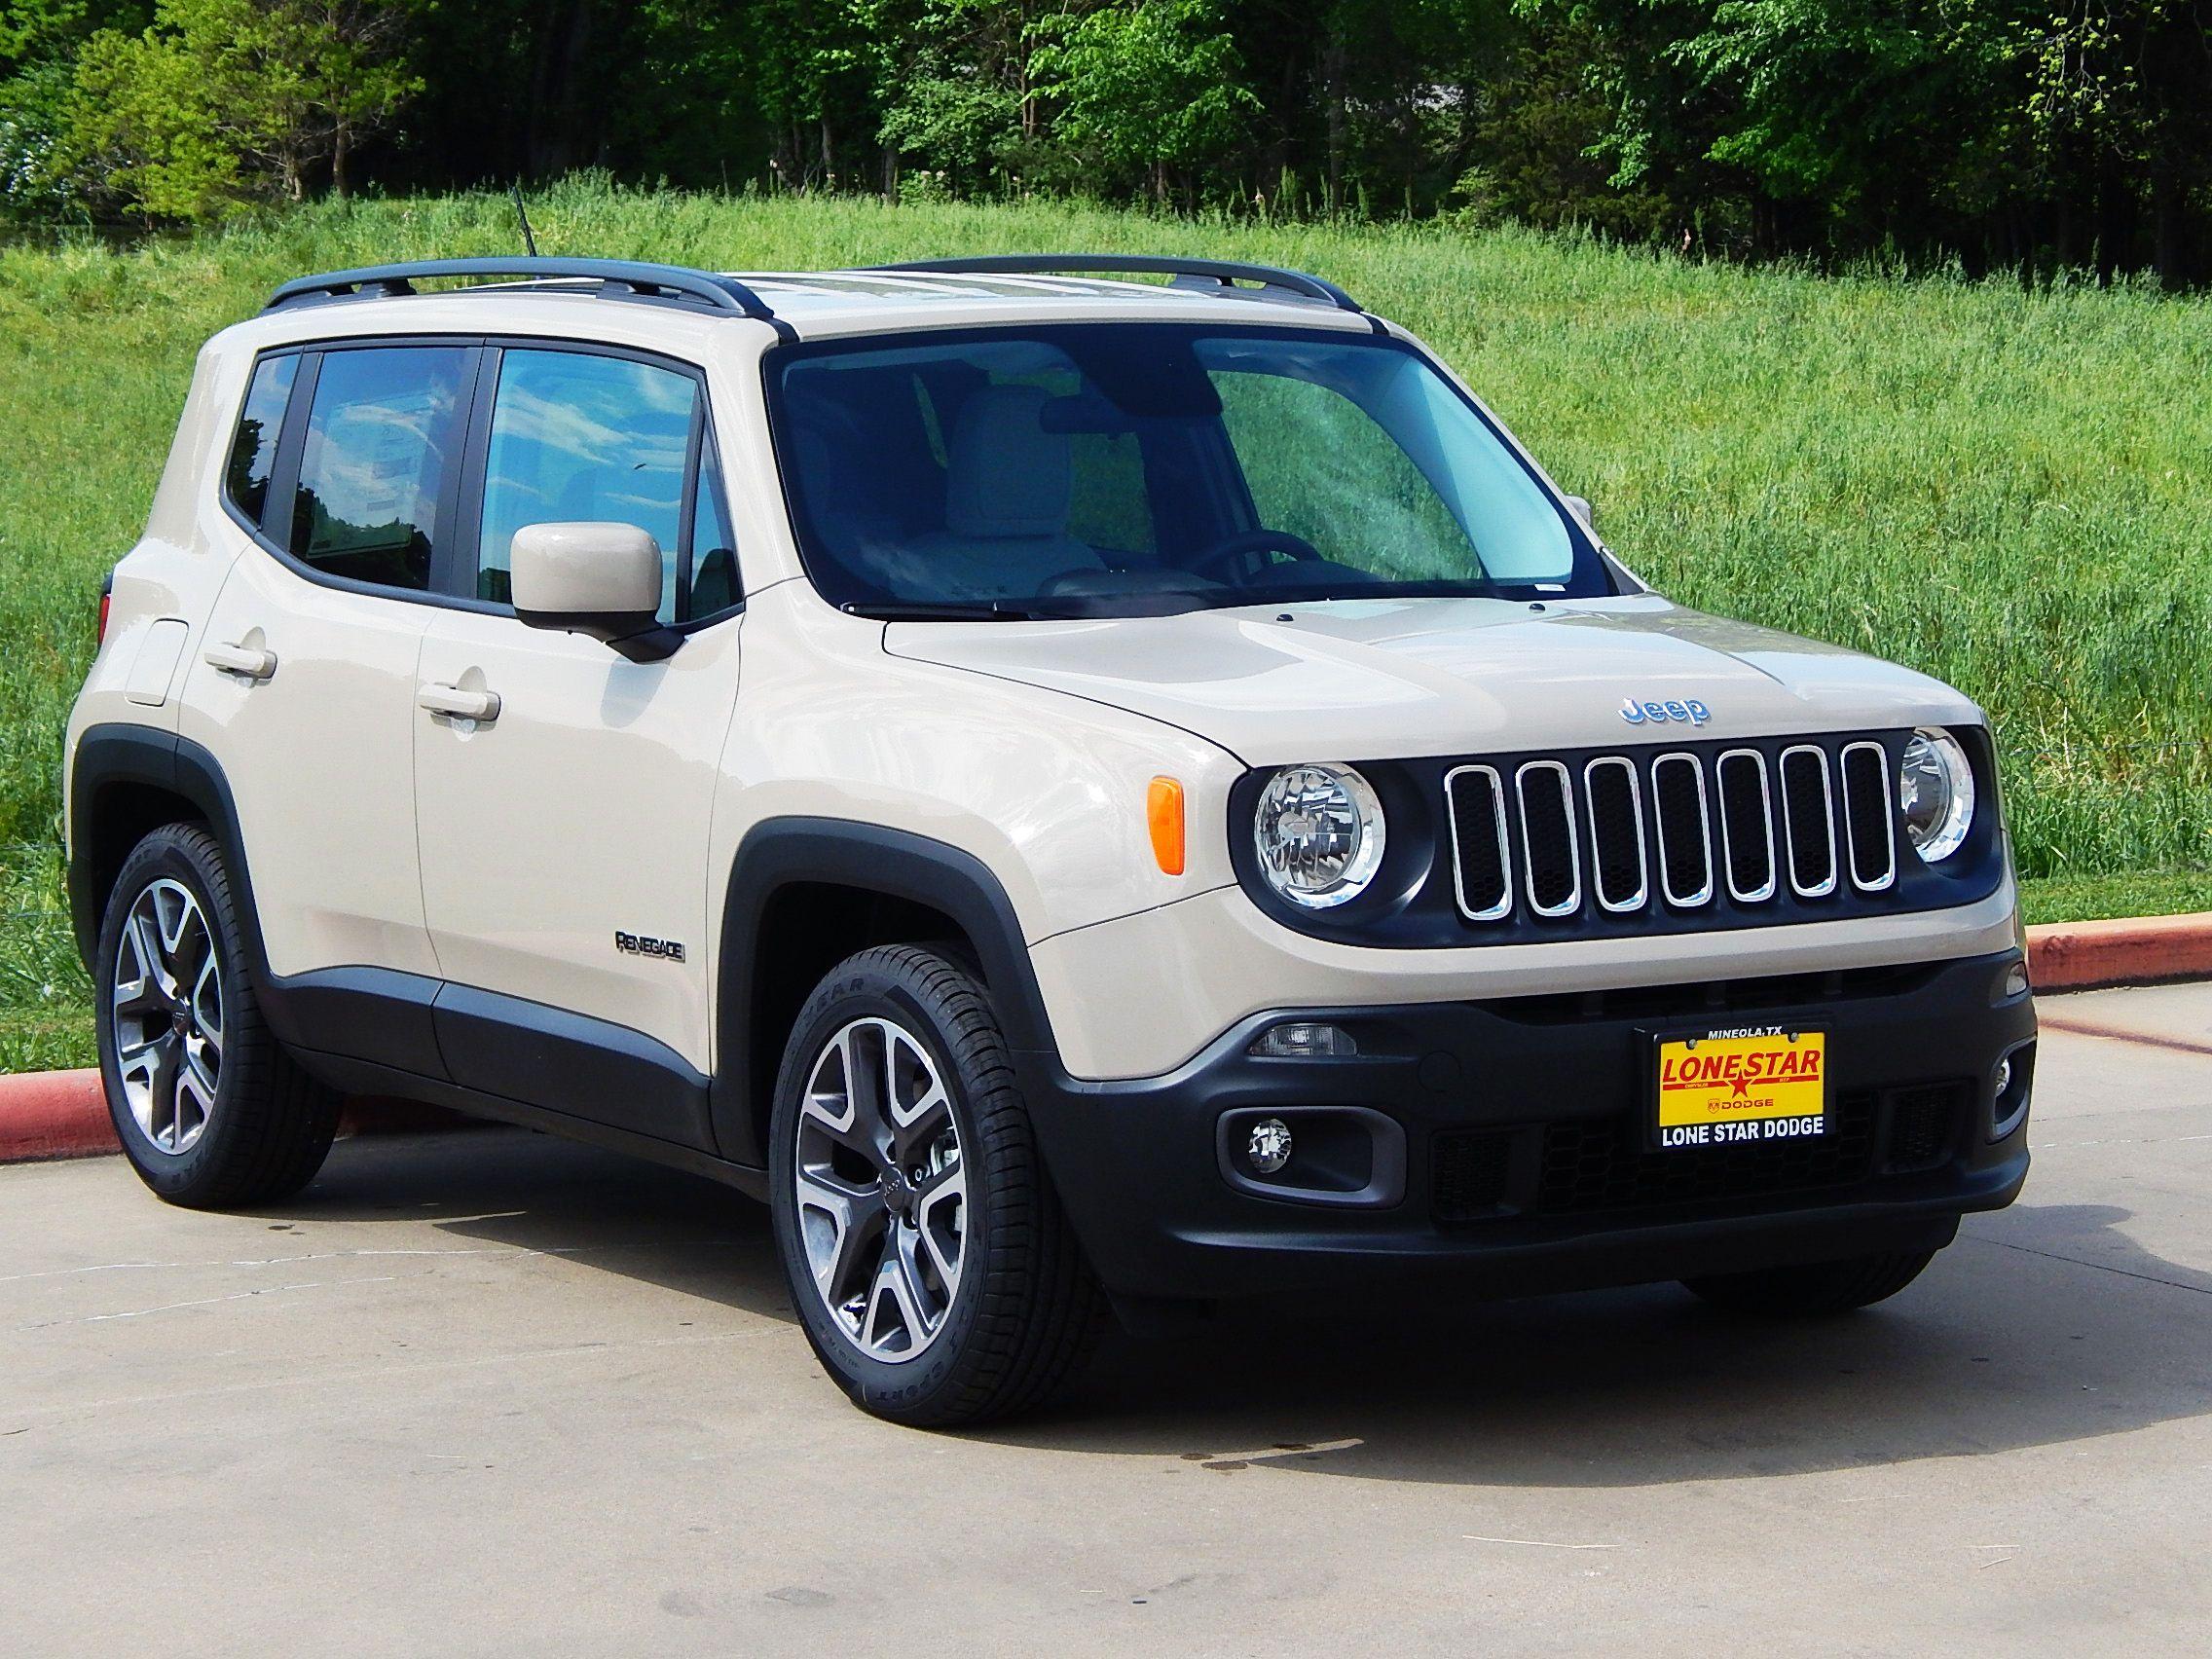 2015 jeep renegade latitude in commando green 2015 jeep renegade pinterest jeep renegade jeeps and cars